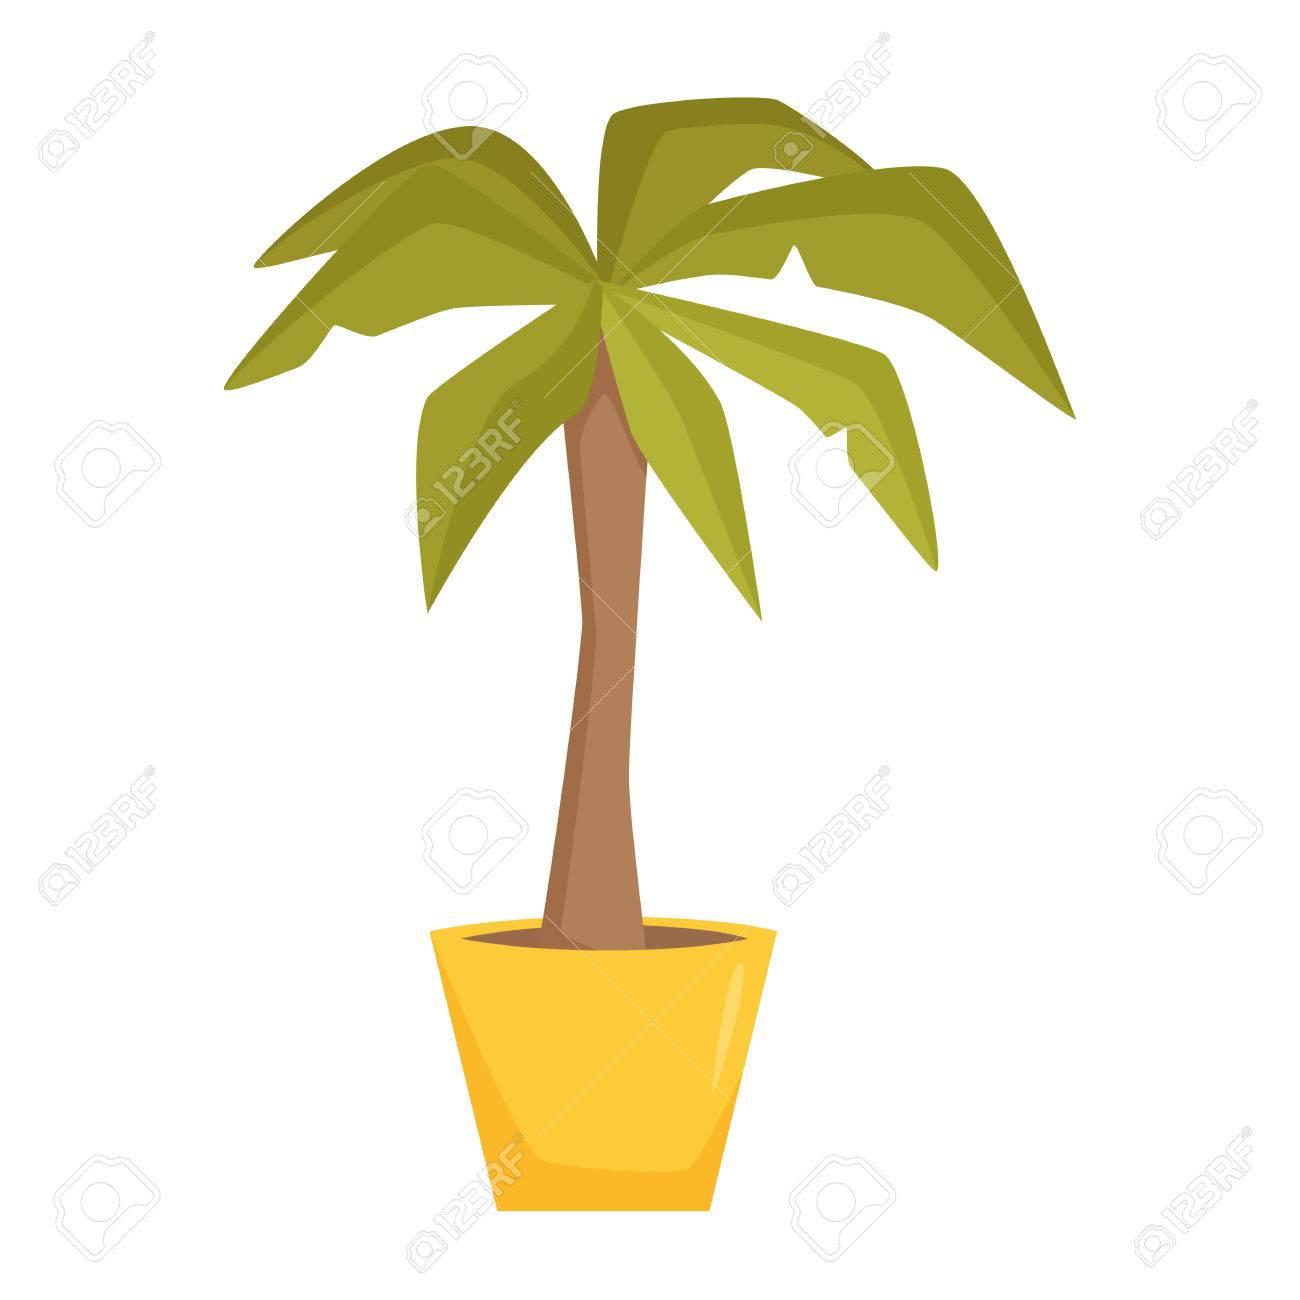 Palmier Dans Le Pot La Maison Et Le Bureau Interieur Plante En Pot Houseplant Illistration Vecteur De Dessin Anime Decoration D Interieur